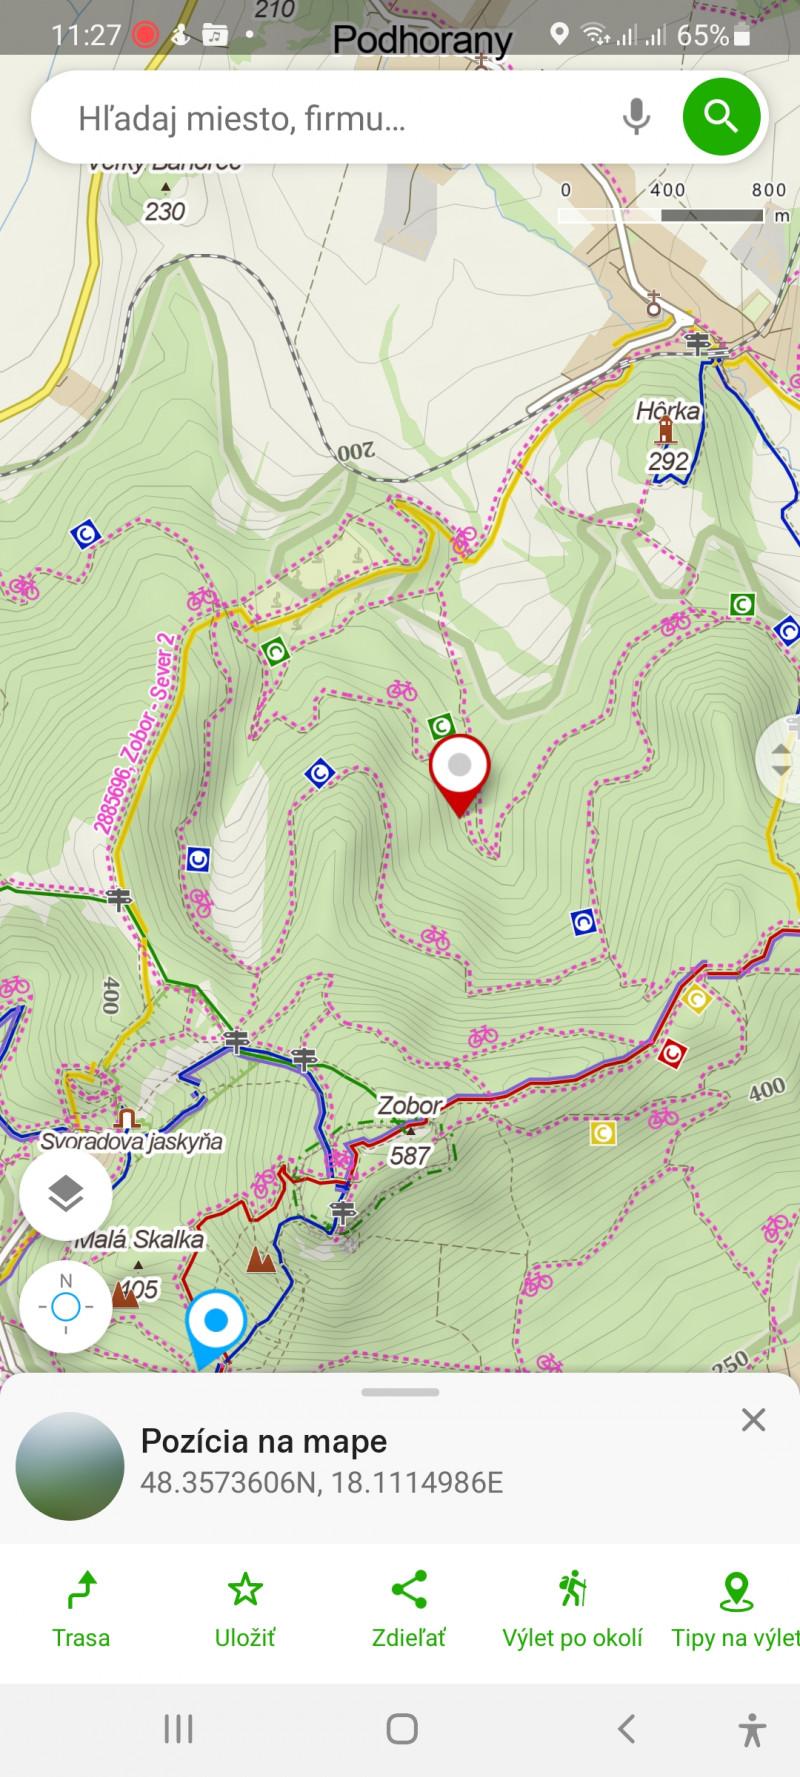 Screenshot_20210618-112753_Mapycz.jpg